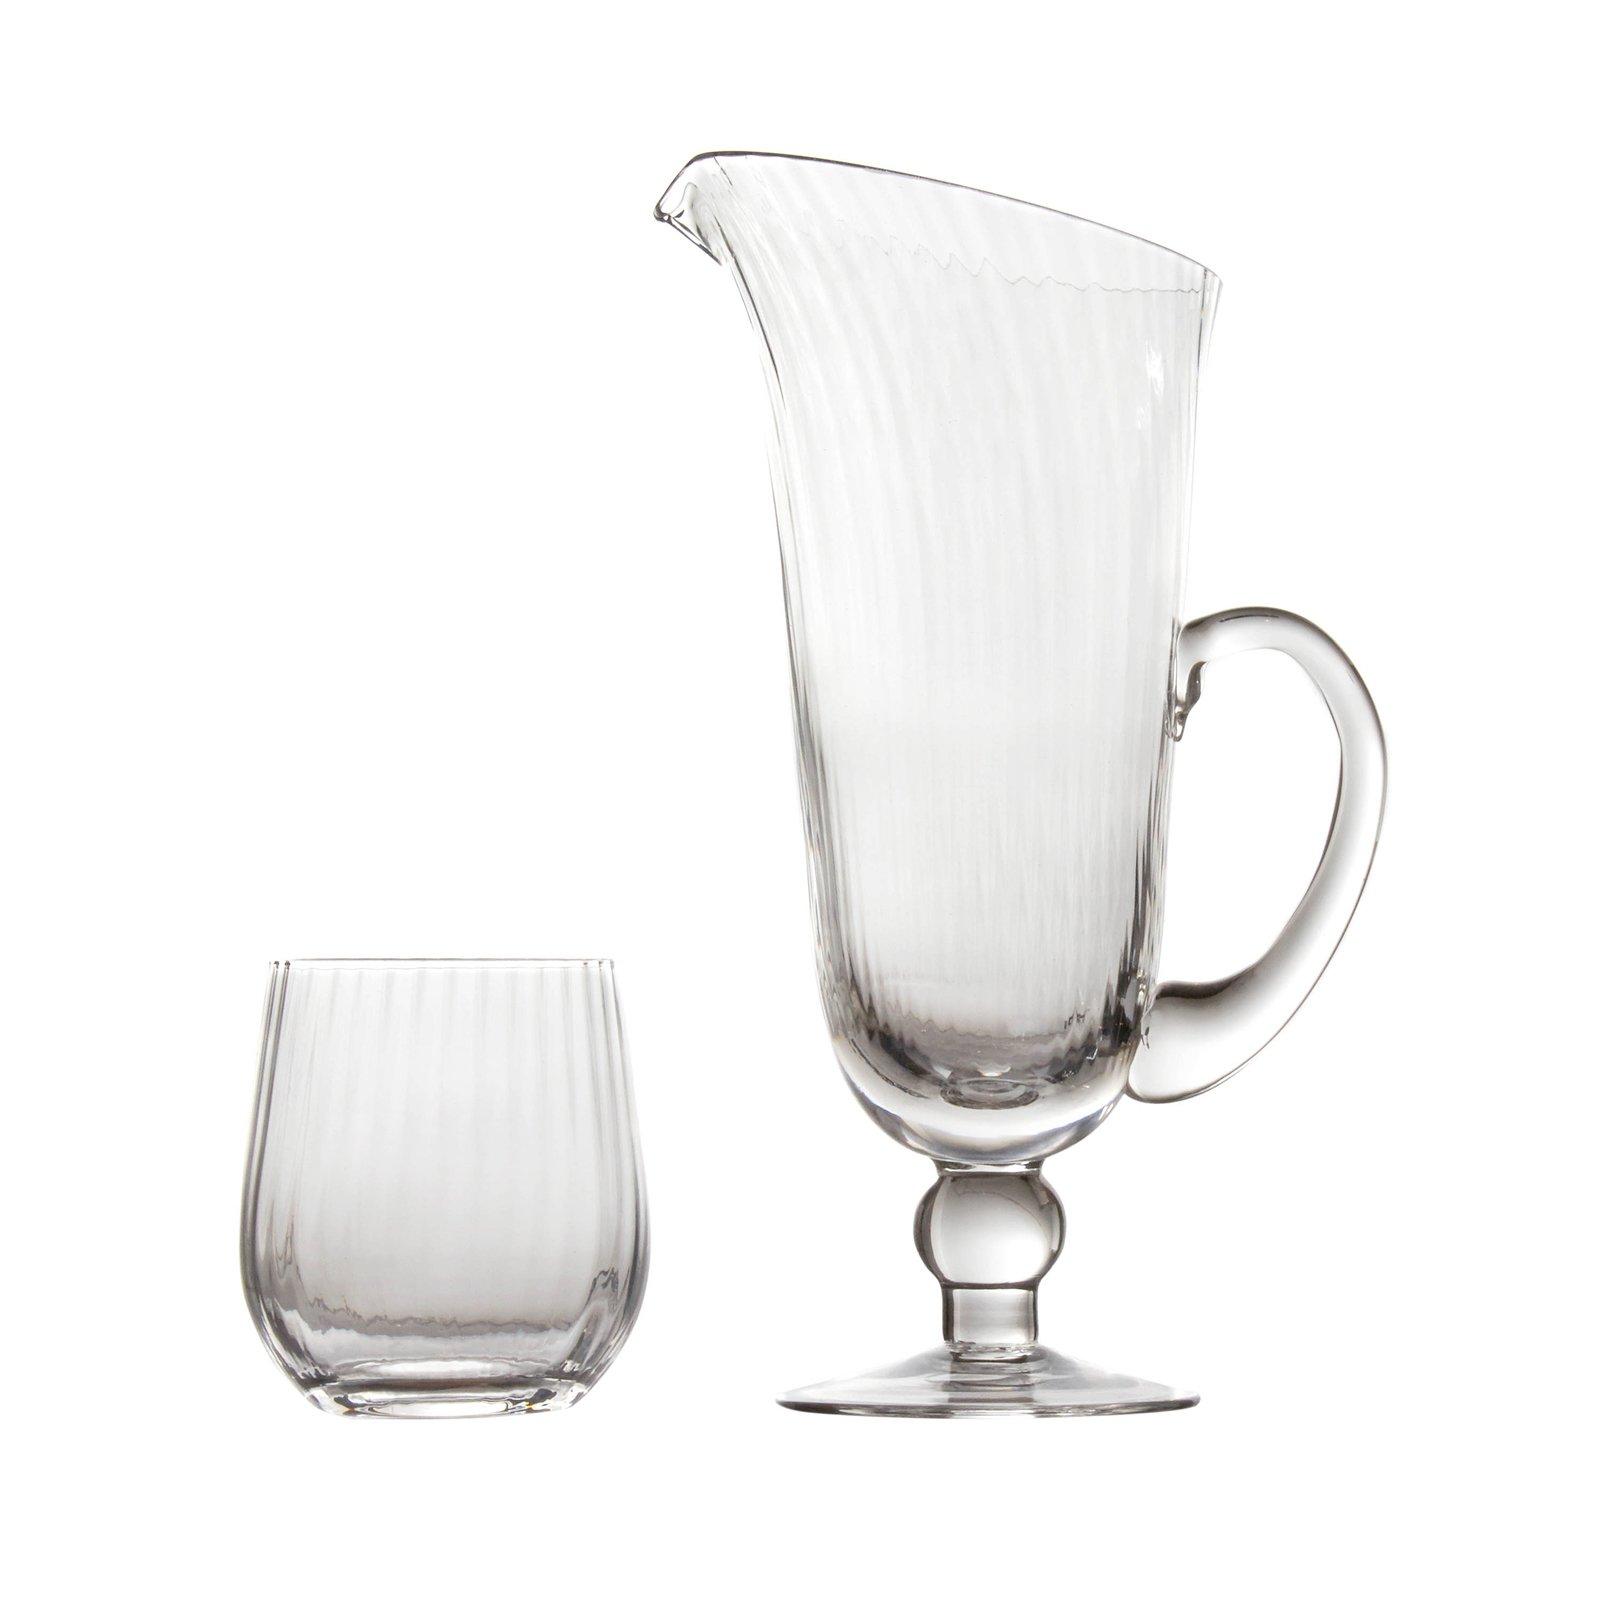 Il bicchiere e la caraffa con piede di Coincasa sono interamente realizzati in vetro trasparente e hanno una forma classica e raffinata che li rende pezzi senza tempo. Prezzo rispettivamente 5,90 euro e 29,90 euro. www.coin.it